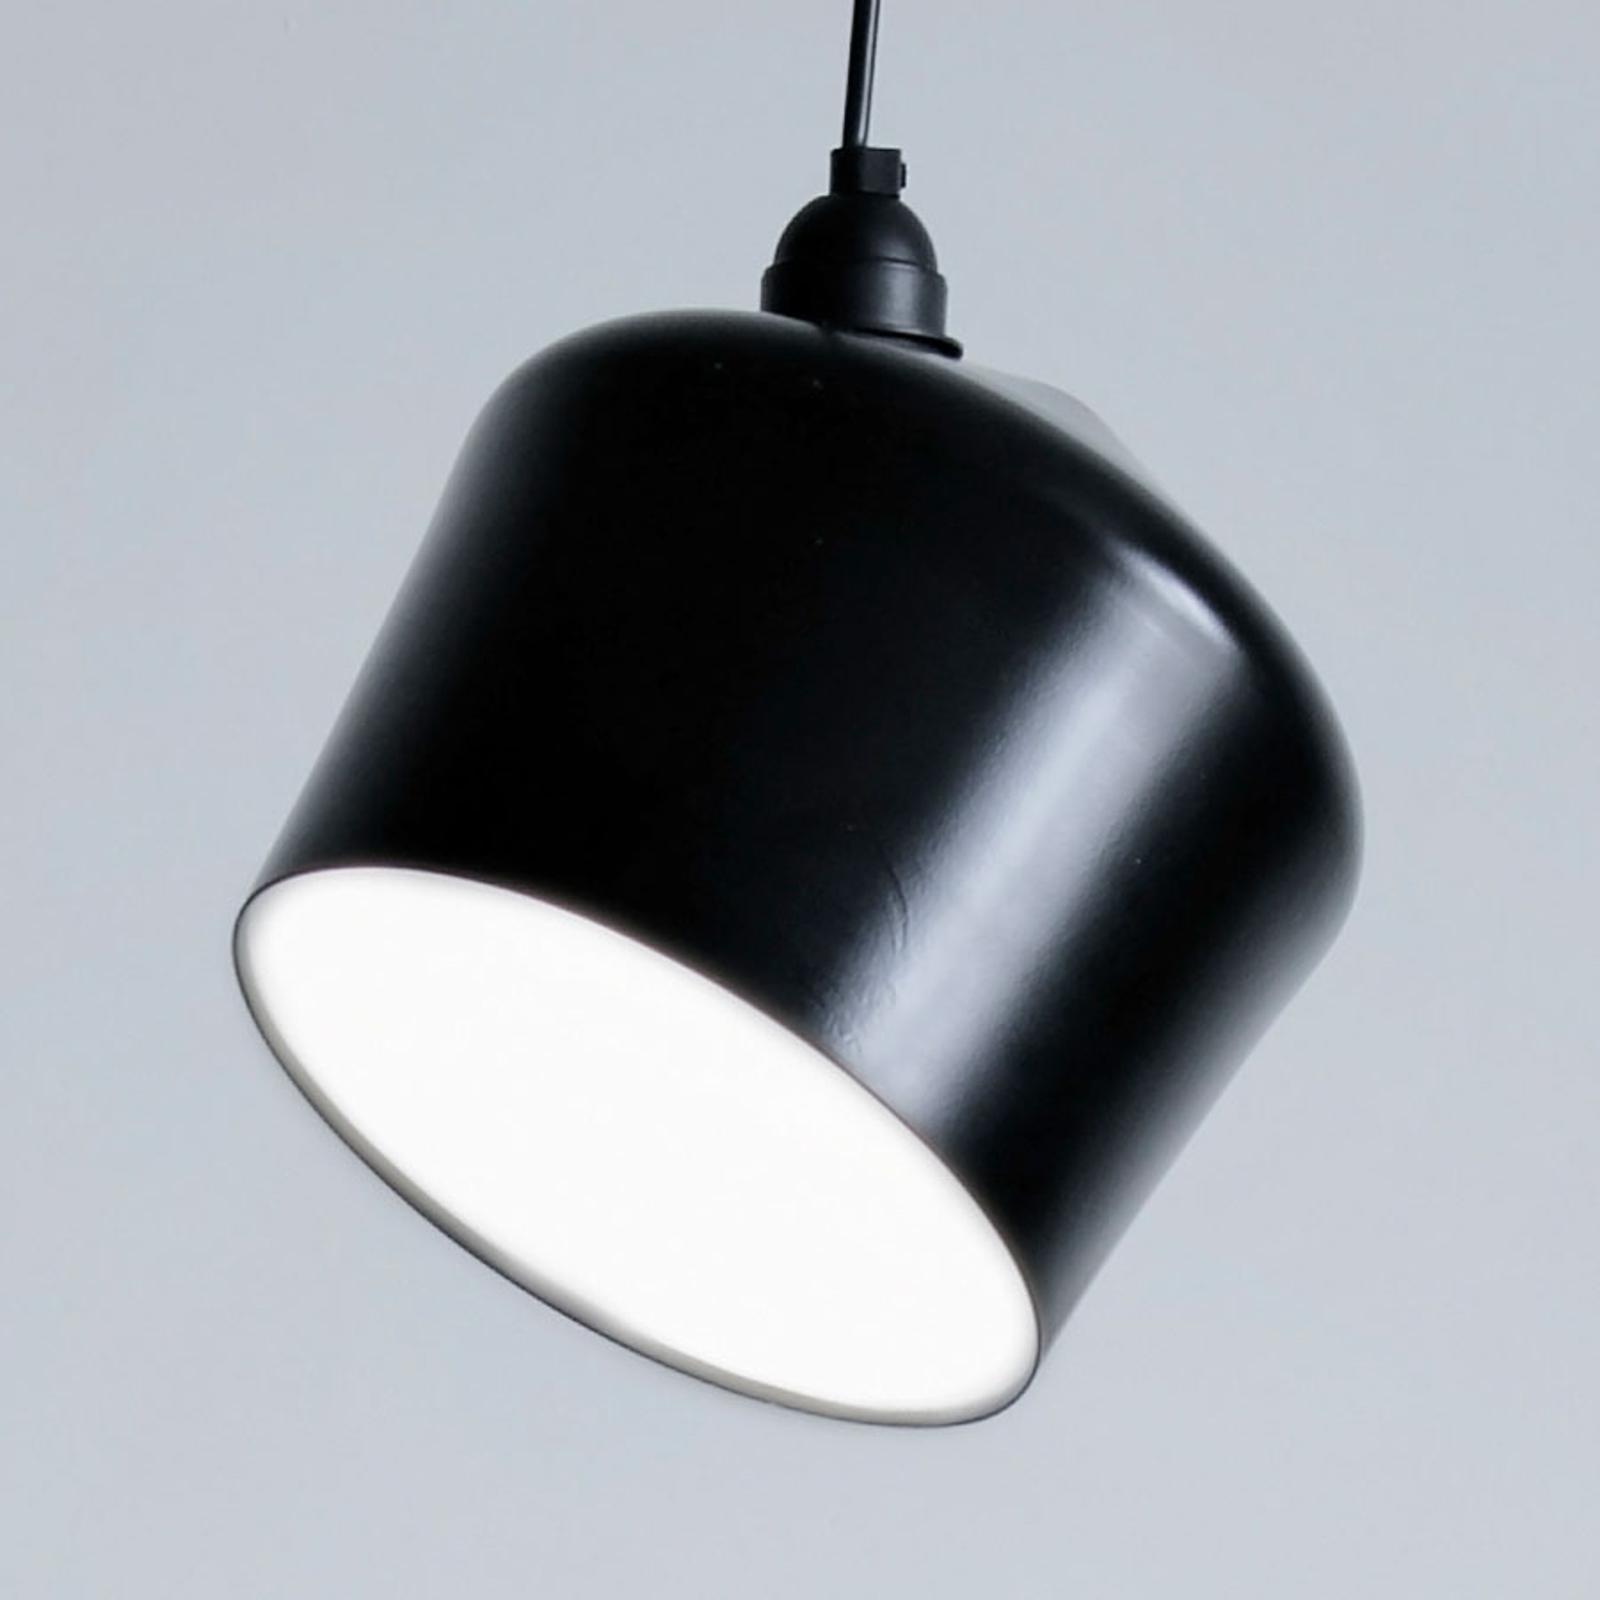 Innolux Pasila lampada a sospensione nera